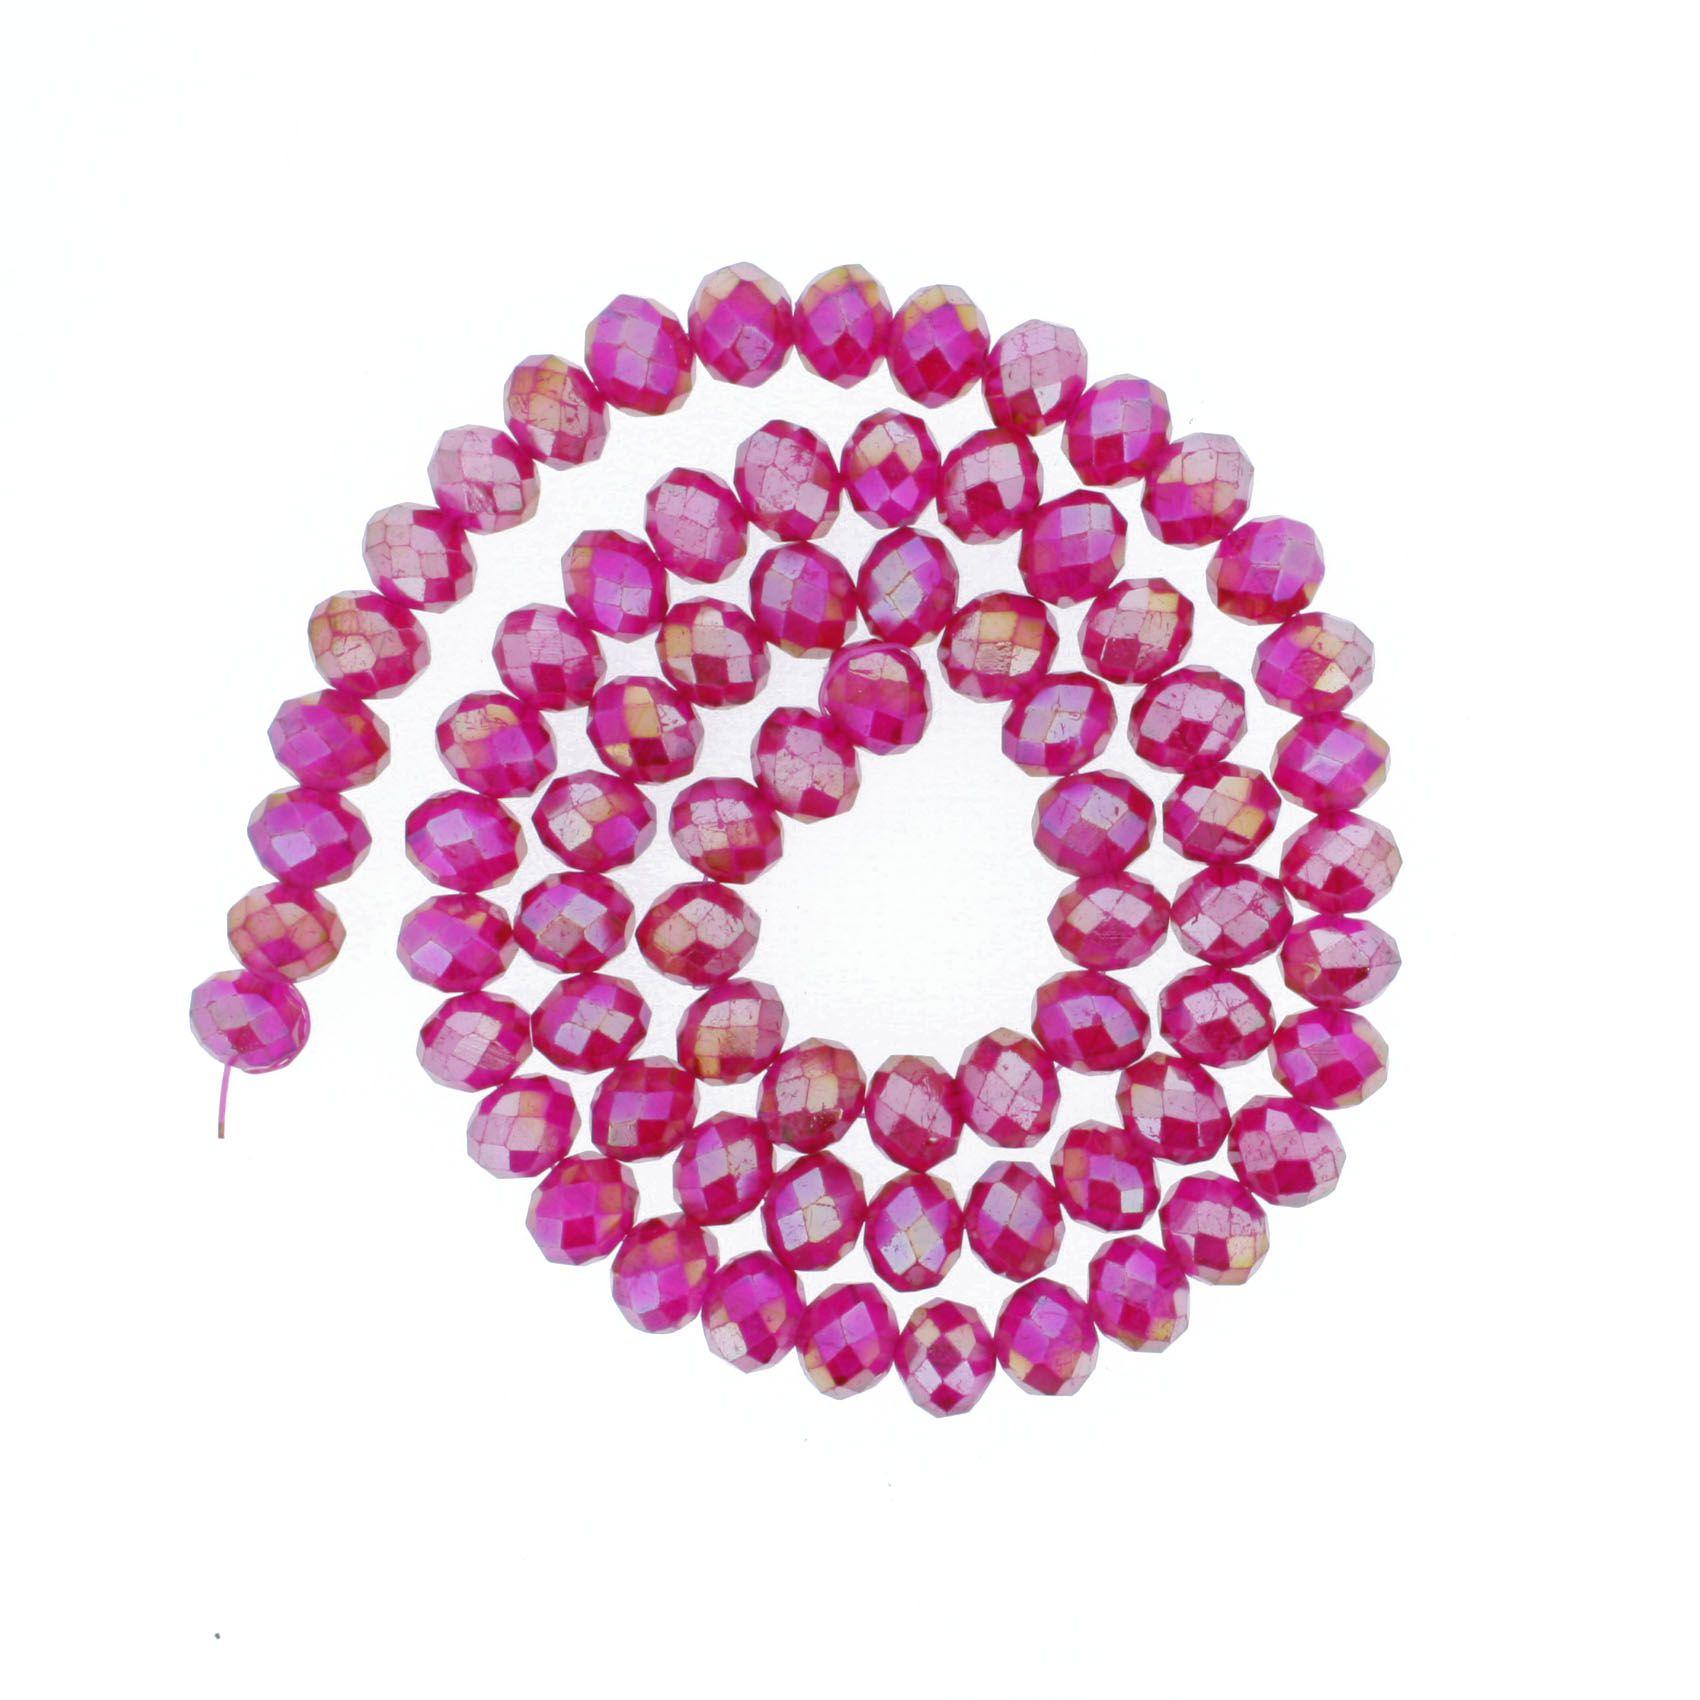 Fio de Cristal - Flat® - Magenta Irizado - 10mm  - Stéphanie Bijoux® - Peças para Bijuterias e Artesanato